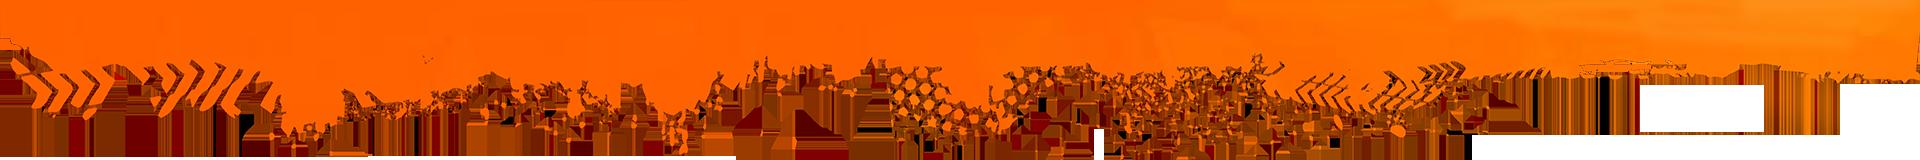 Werbekaiser-Background-Grunge-Orange-Top